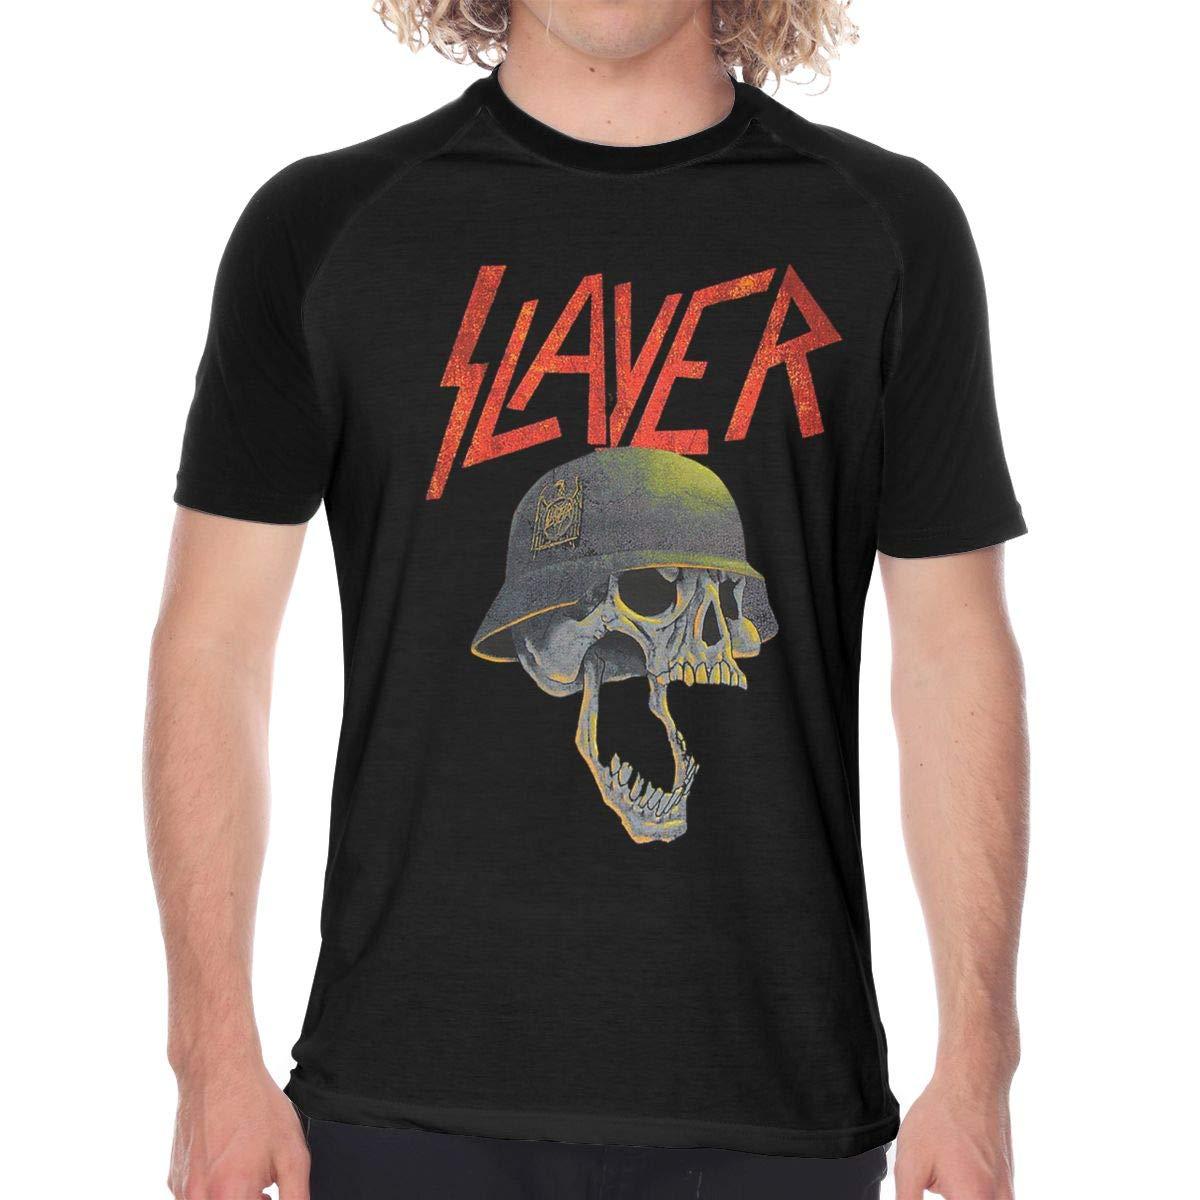 S Raglan Baseball Tshirt Slayer Band